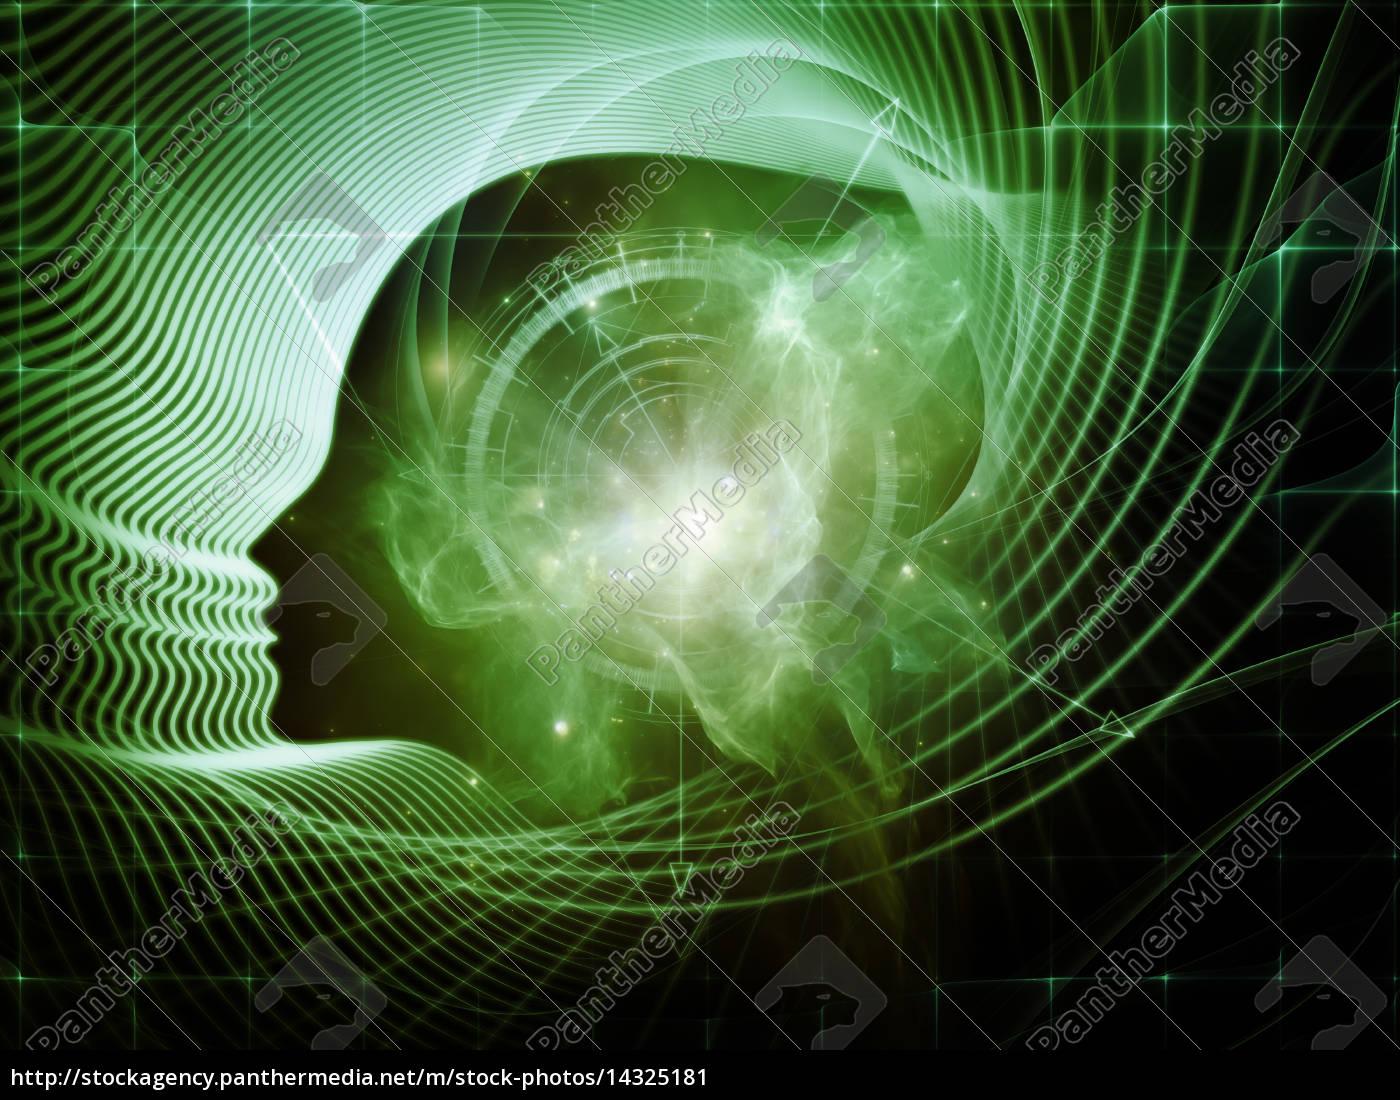 la, vida, virtual, del, interior, de - 14325181